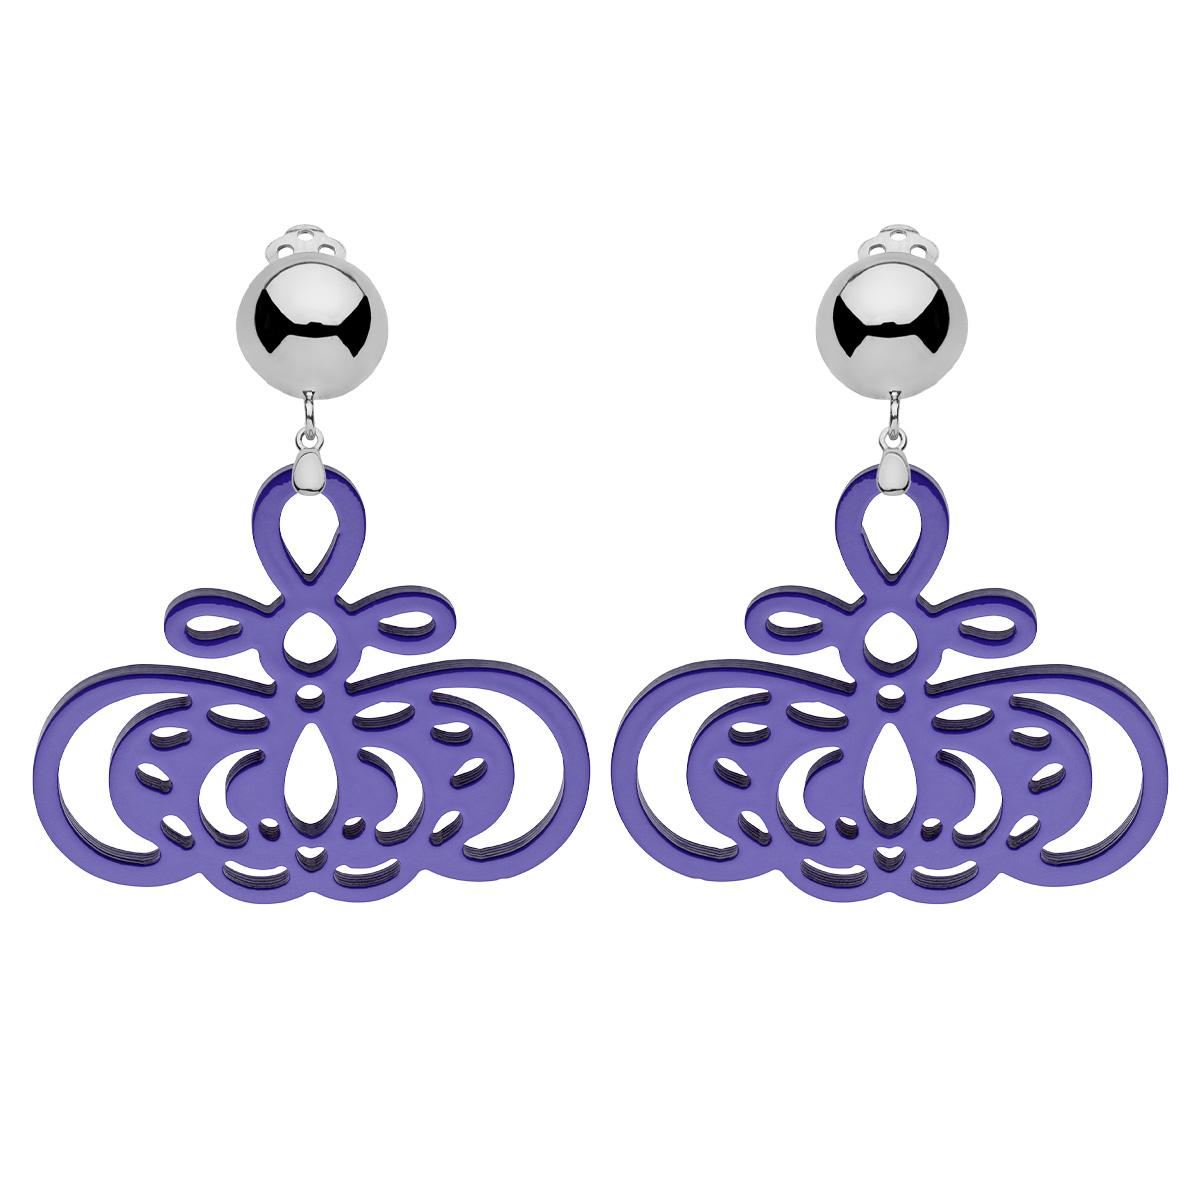 Ohrclips in violett mit Silber Clips aus der Barbados Kollektion